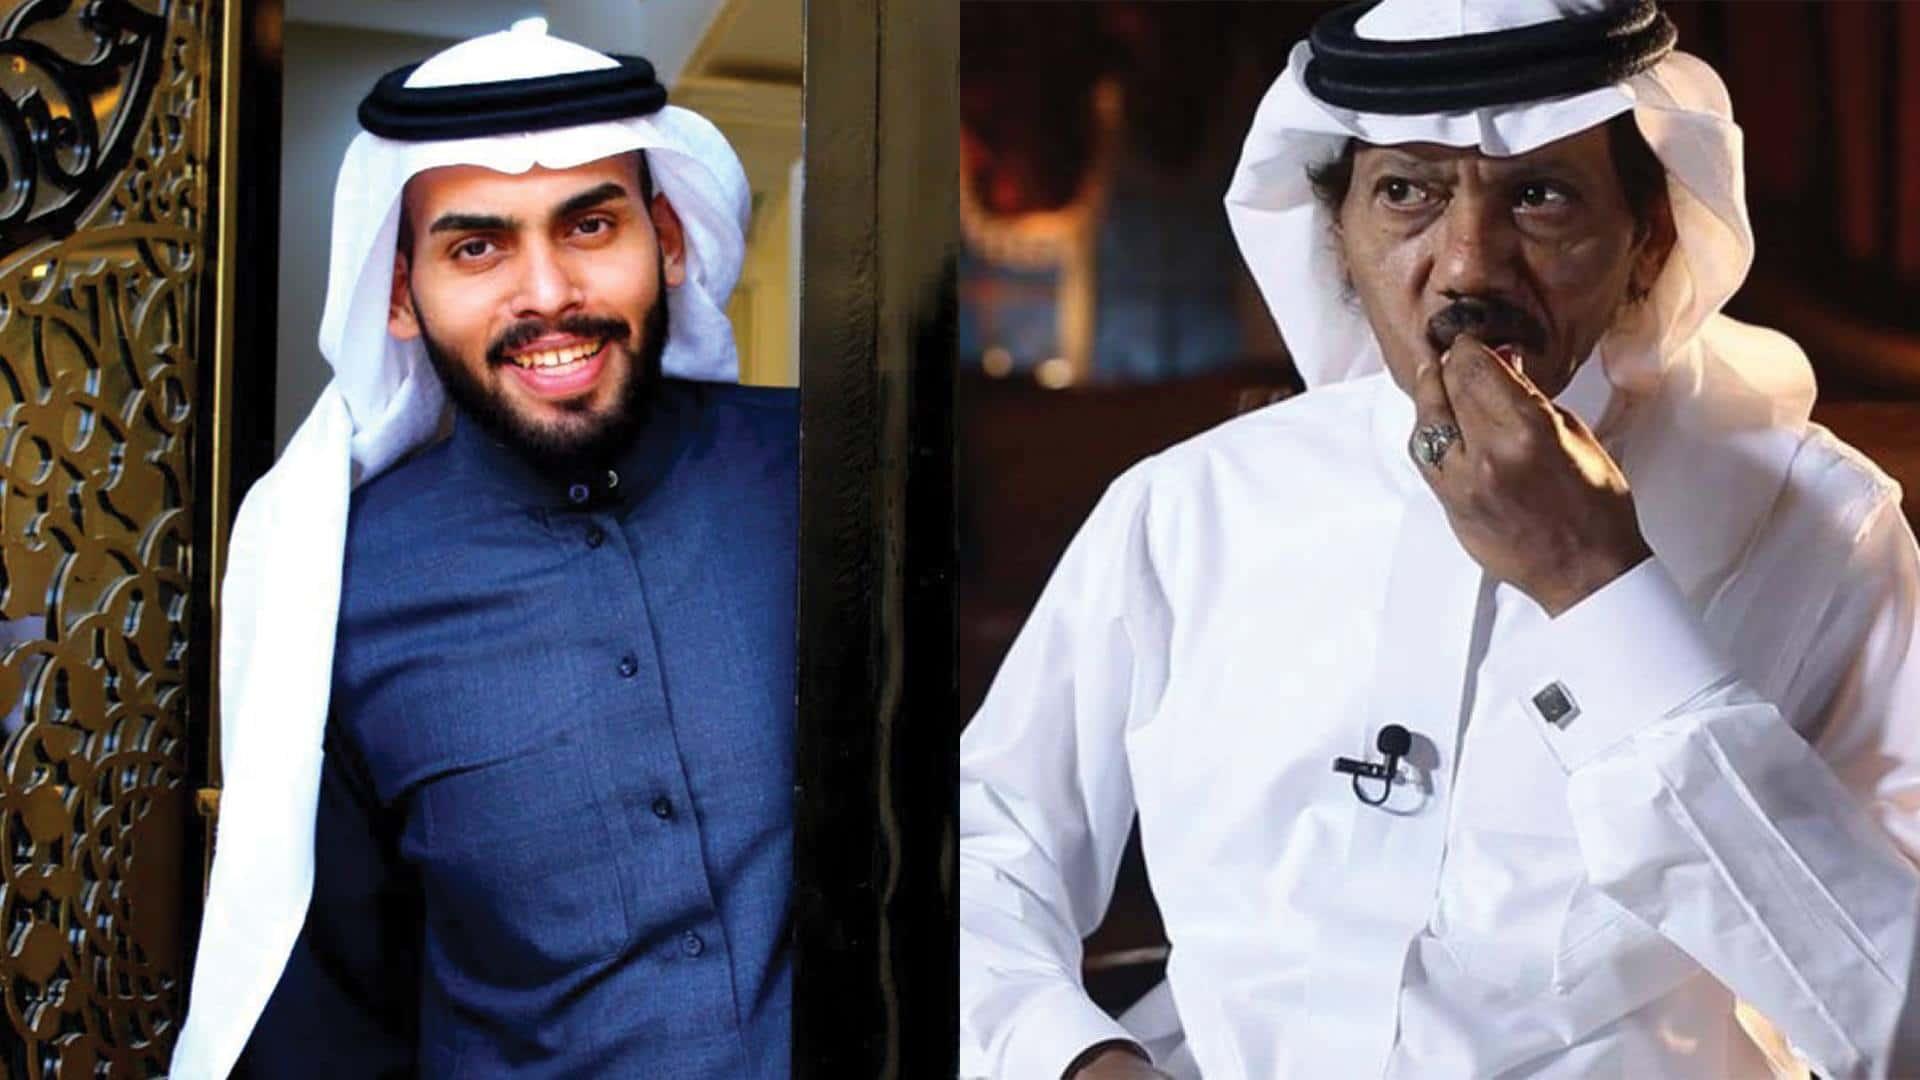 تحول كبير في سياسة السعودية تجاه الإمارات كشفه ما فعله محمد سعود ومن قبله عبده خال